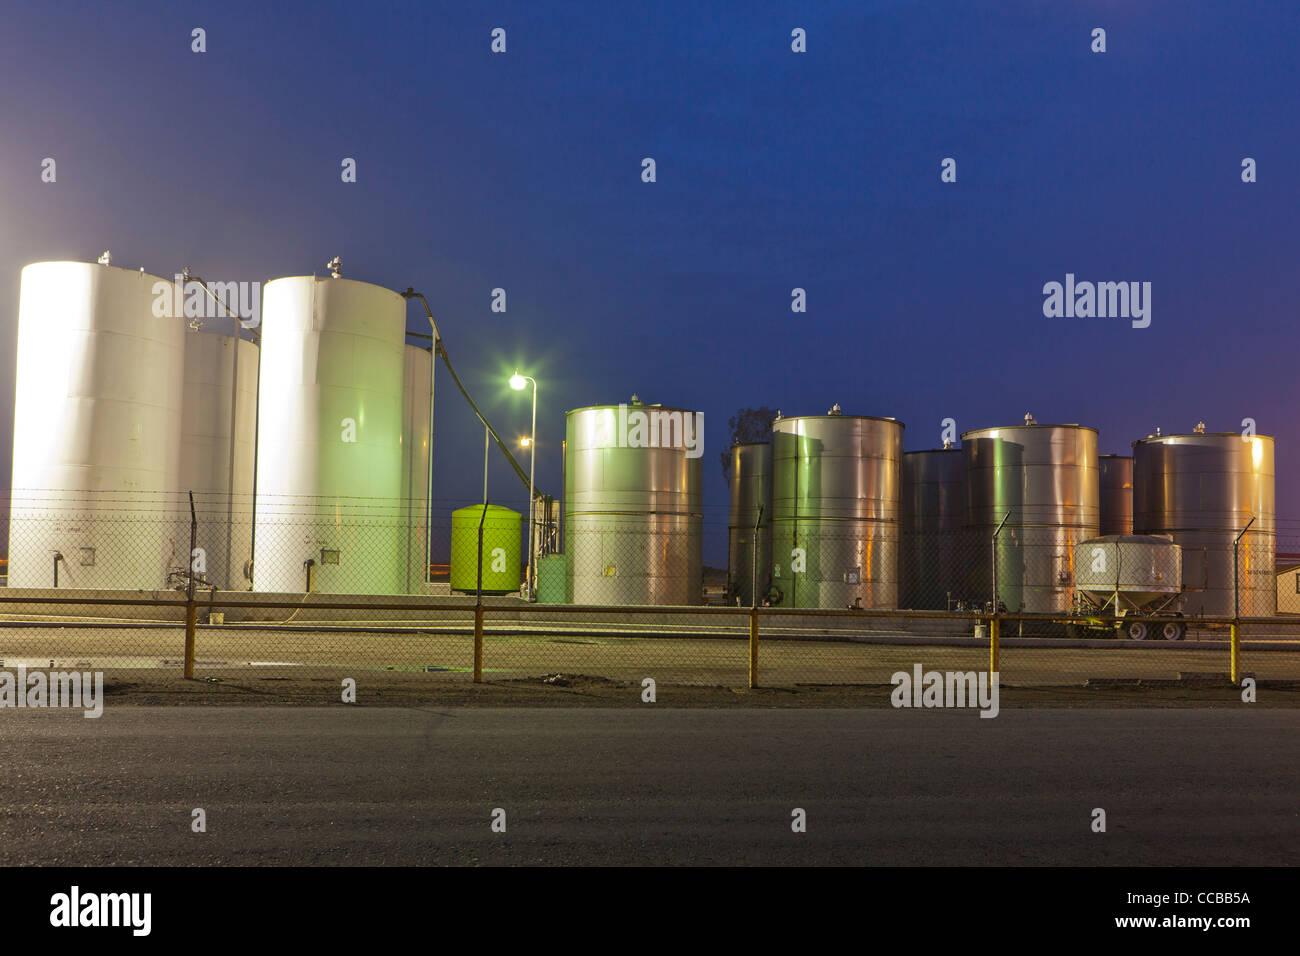 Acero inoxidable de tamaño industrial tanques químicos Imagen De Stock